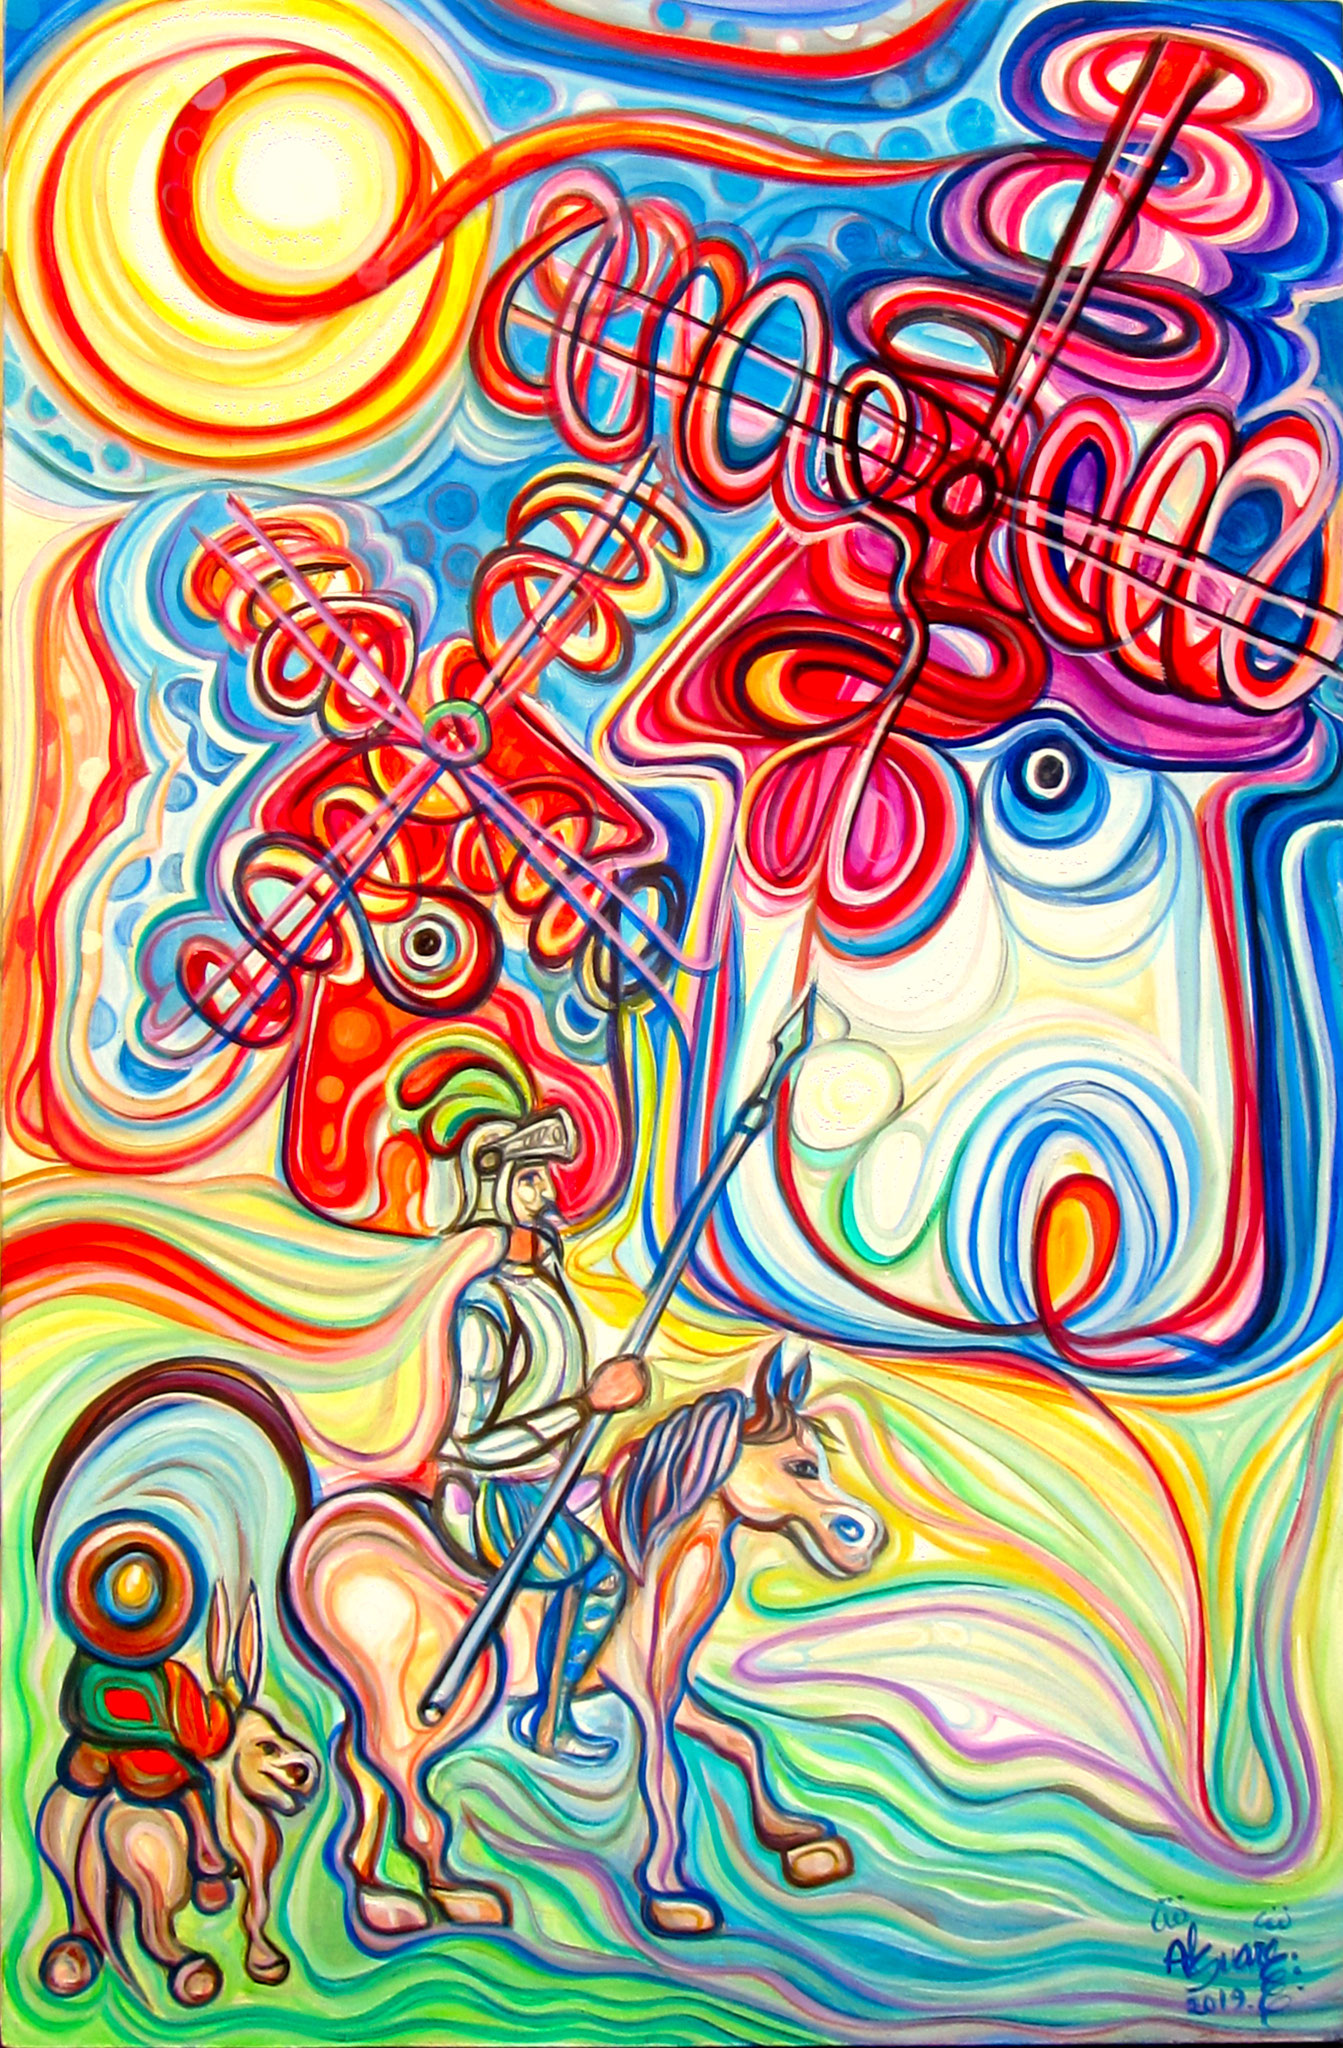 Don Quijote y Sancho en los molinos de viento / Óleo sobre lienzo / 100 x 70 cm / 2019